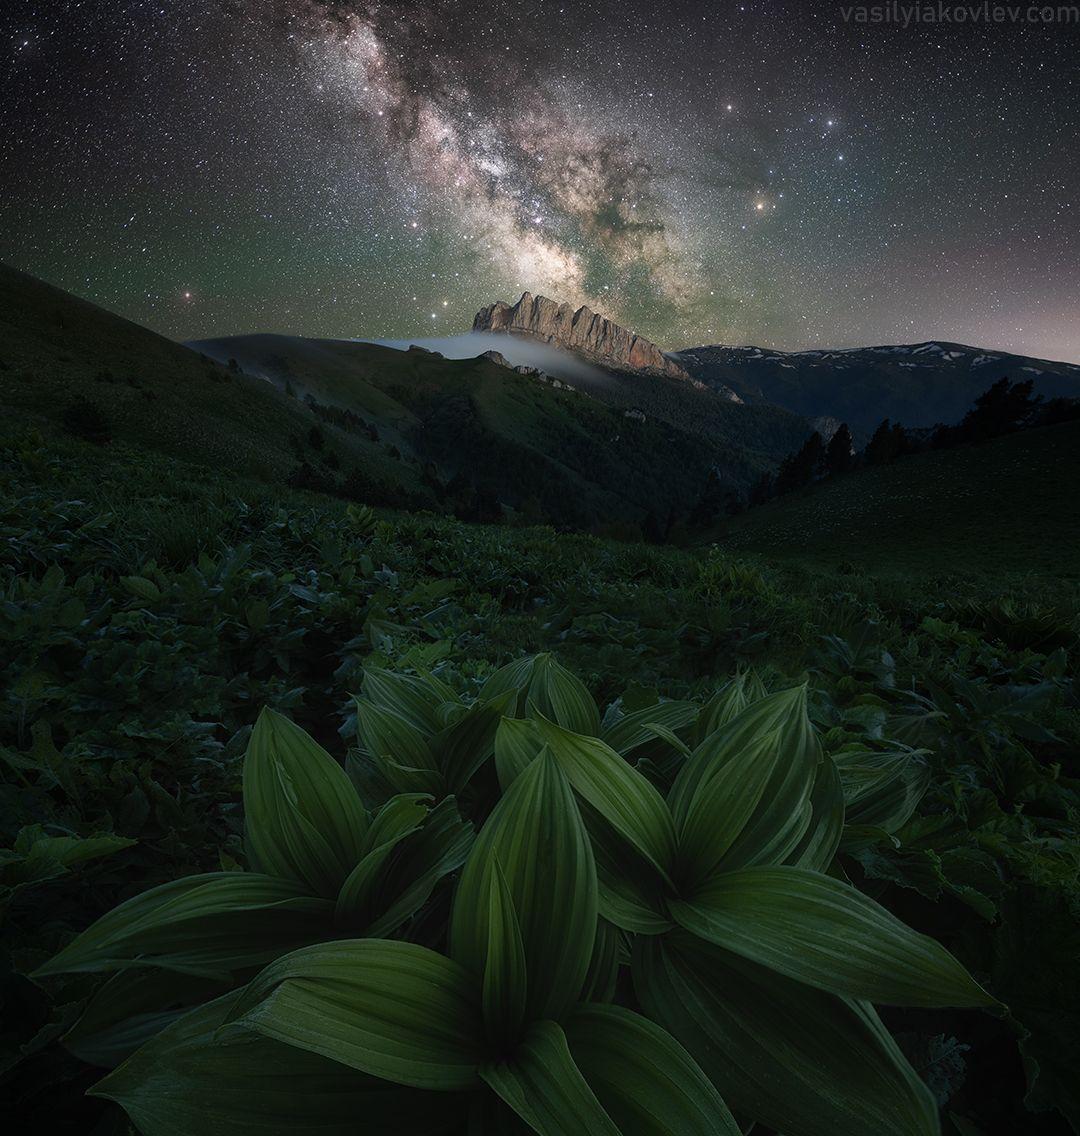 Южная ночь большой тхач фототур яковлевфототур адыгея кавказ ачешбок